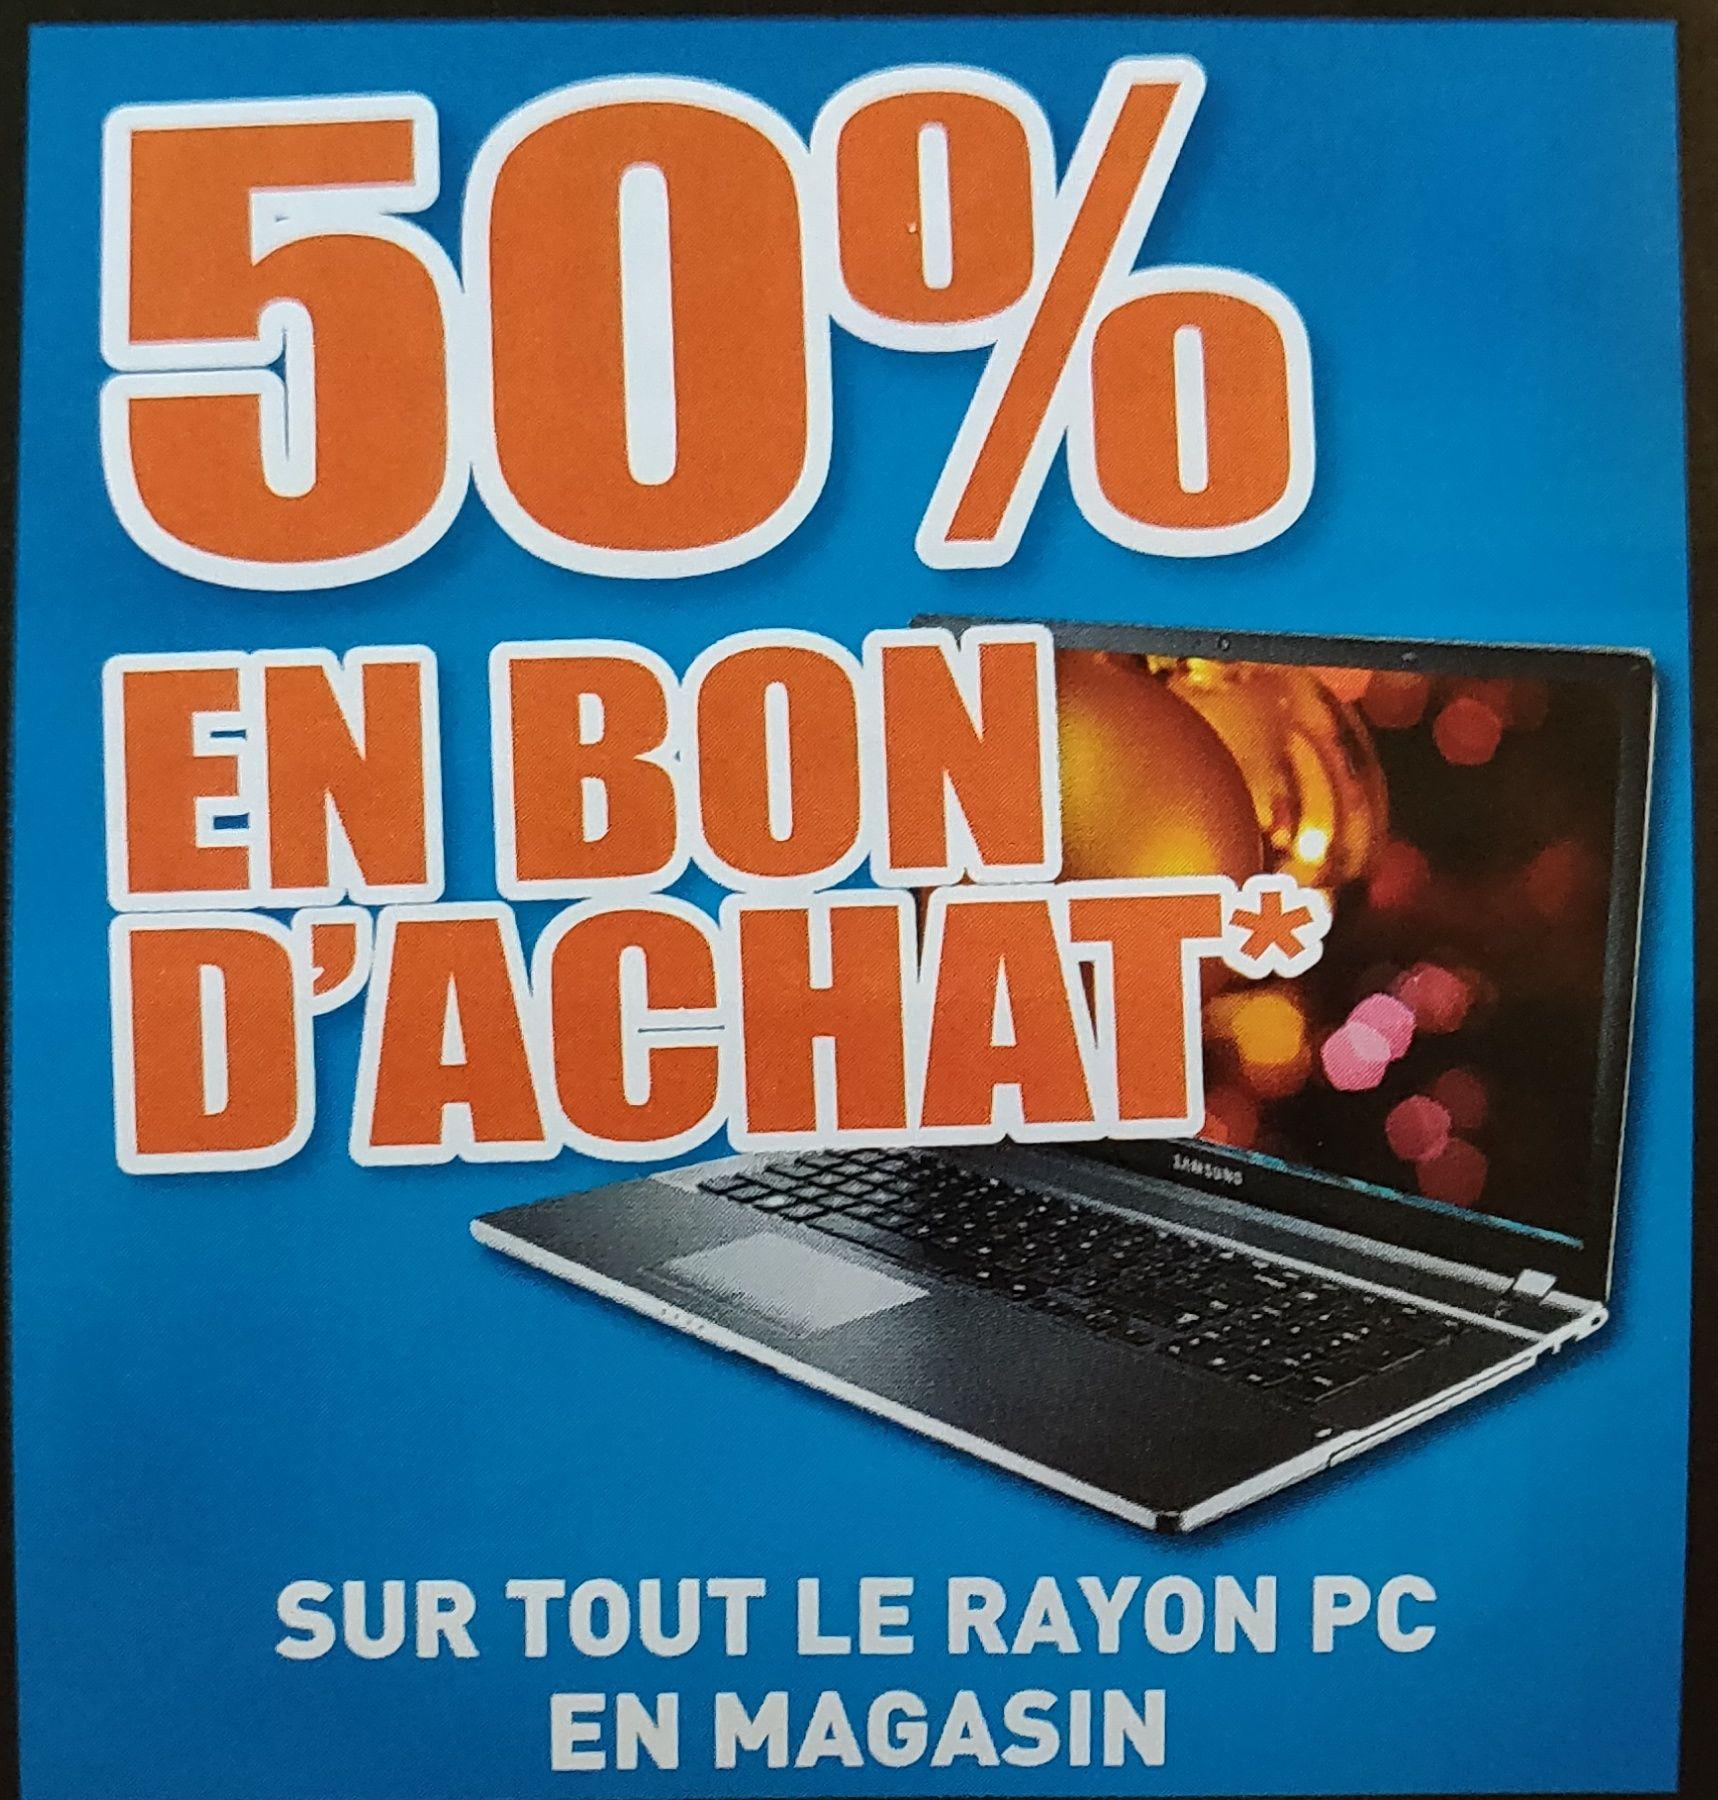 50% de réduction sur les PC sous forme de 2 bons d'achat - Scaër (29)